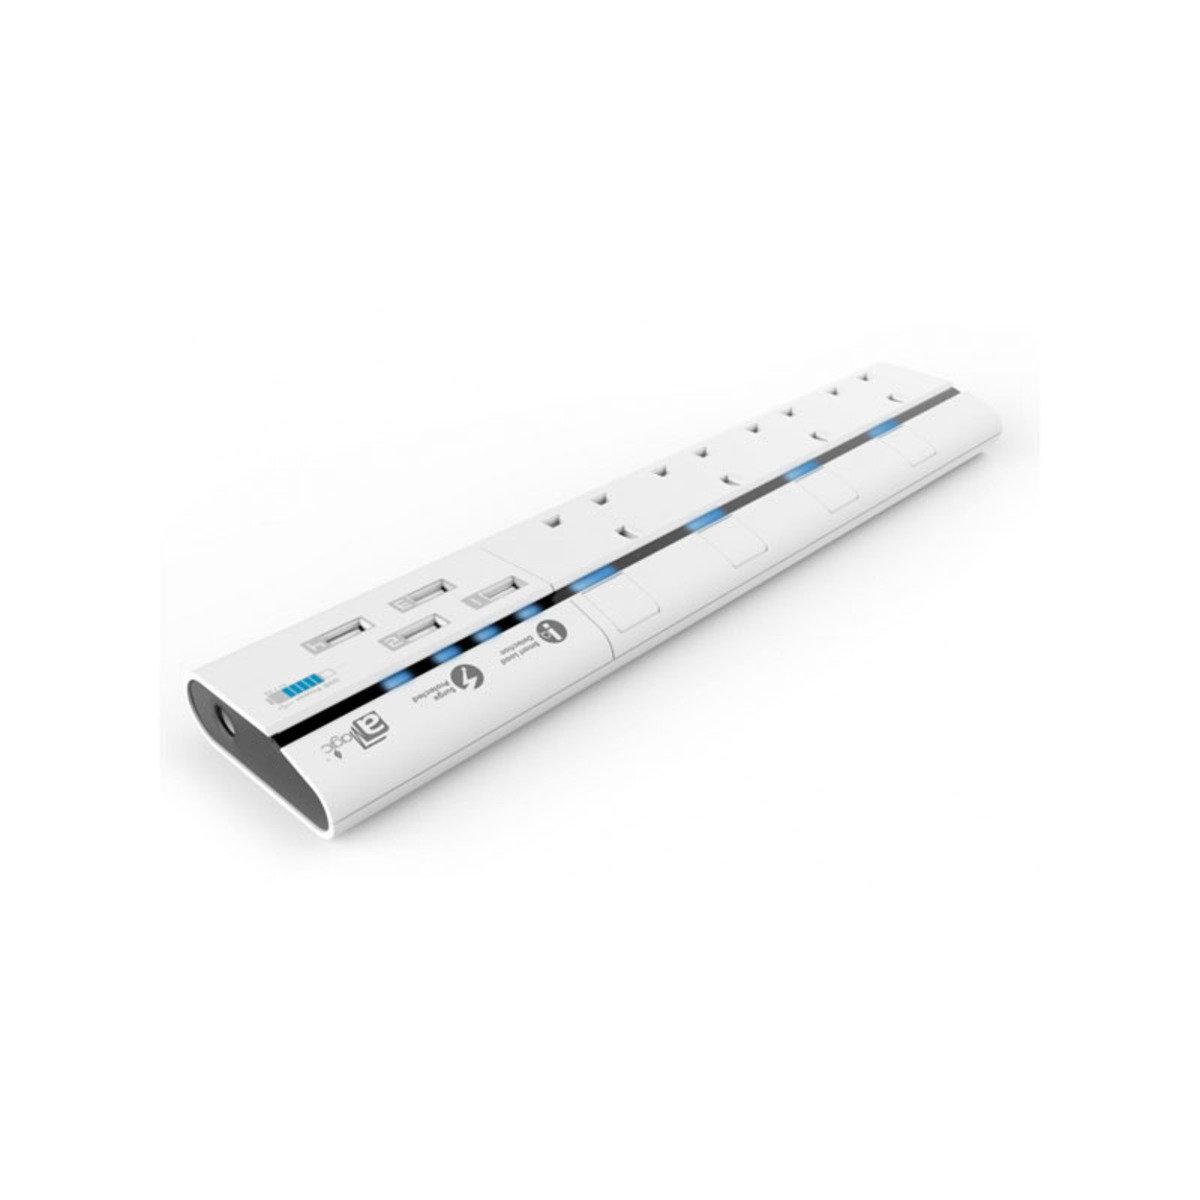 4位13A +  4組USB充電 防雷拖板 白色 APS-S1440